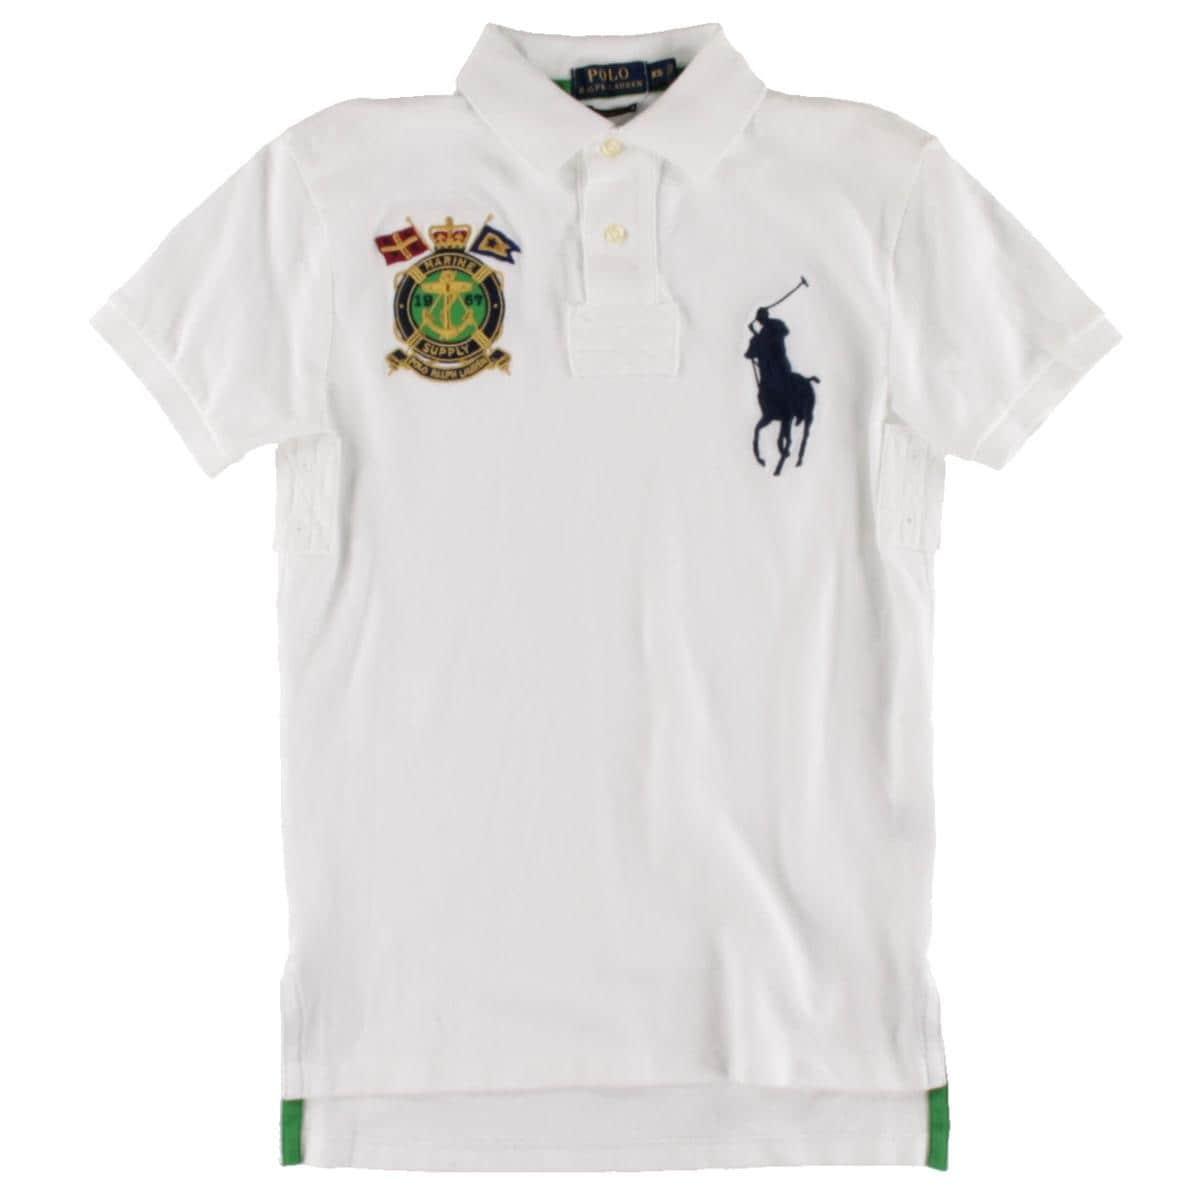 Shop Polo Ralph Lauren Mens Polo Shirt Patchwork Nautical Crest Xs